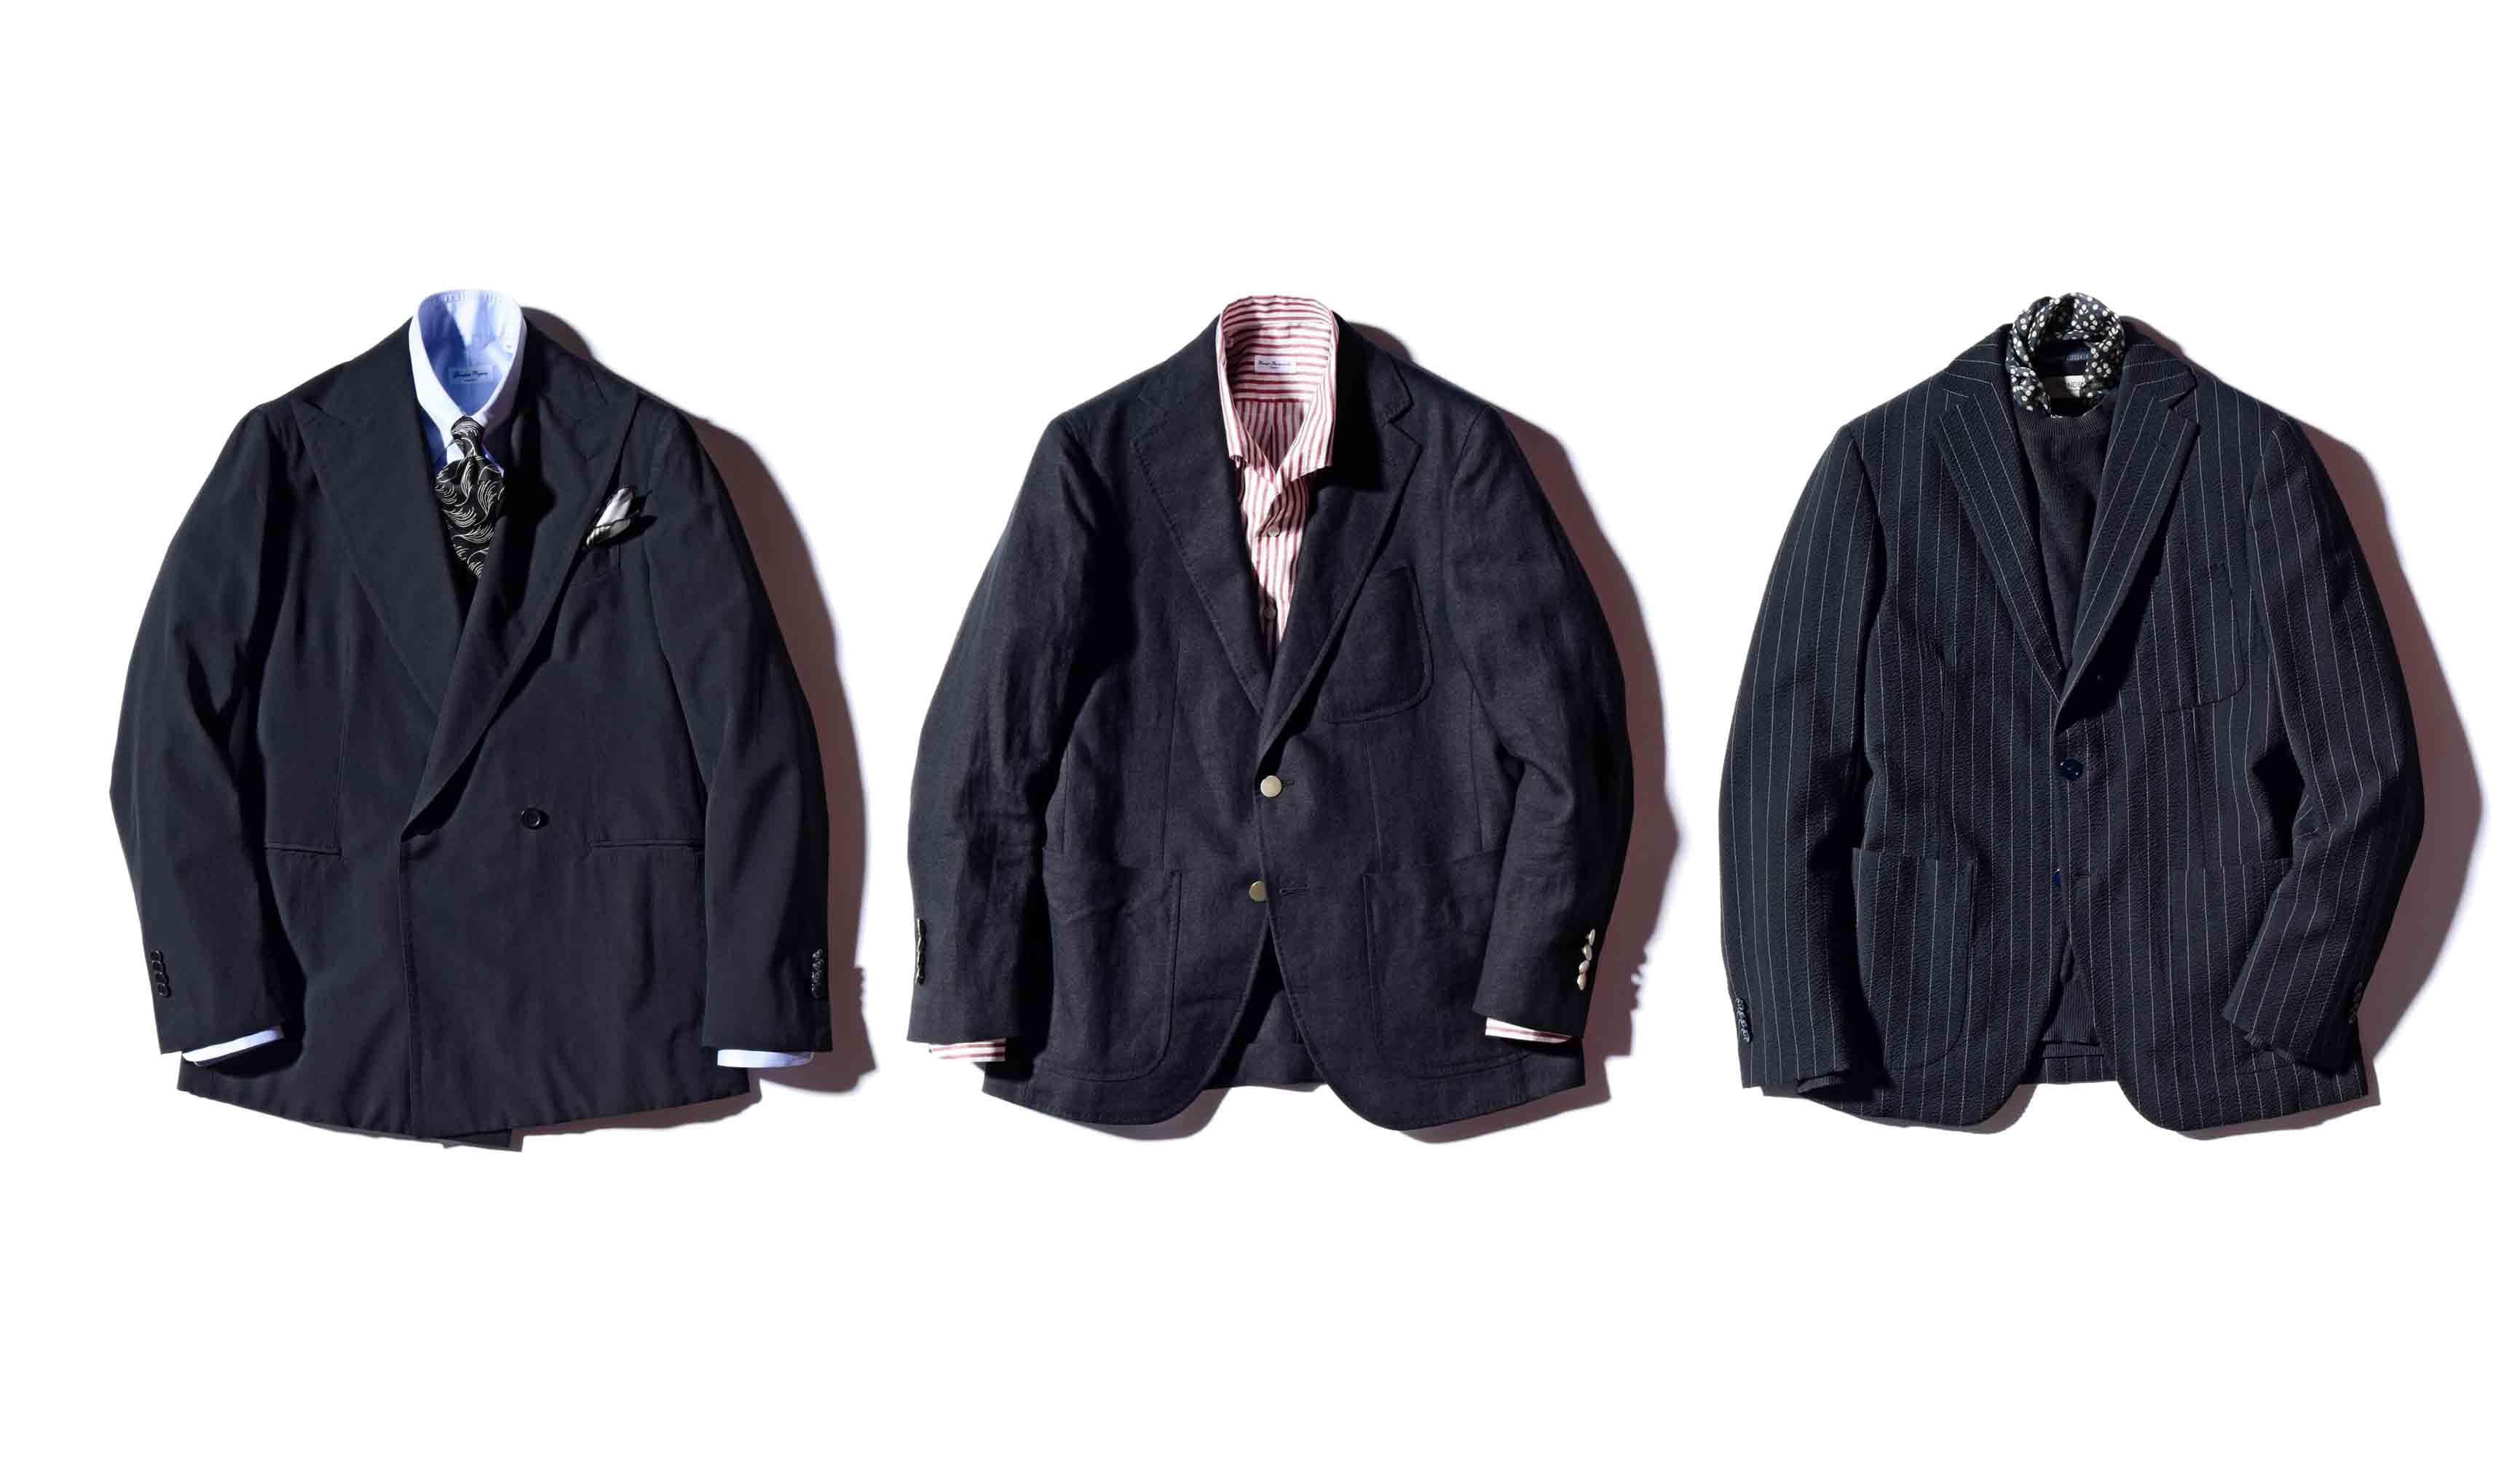 カルーゾのジャケット、ルカグラッシアのダブルジャケット、ベルヴェストのシアサッカージャケット